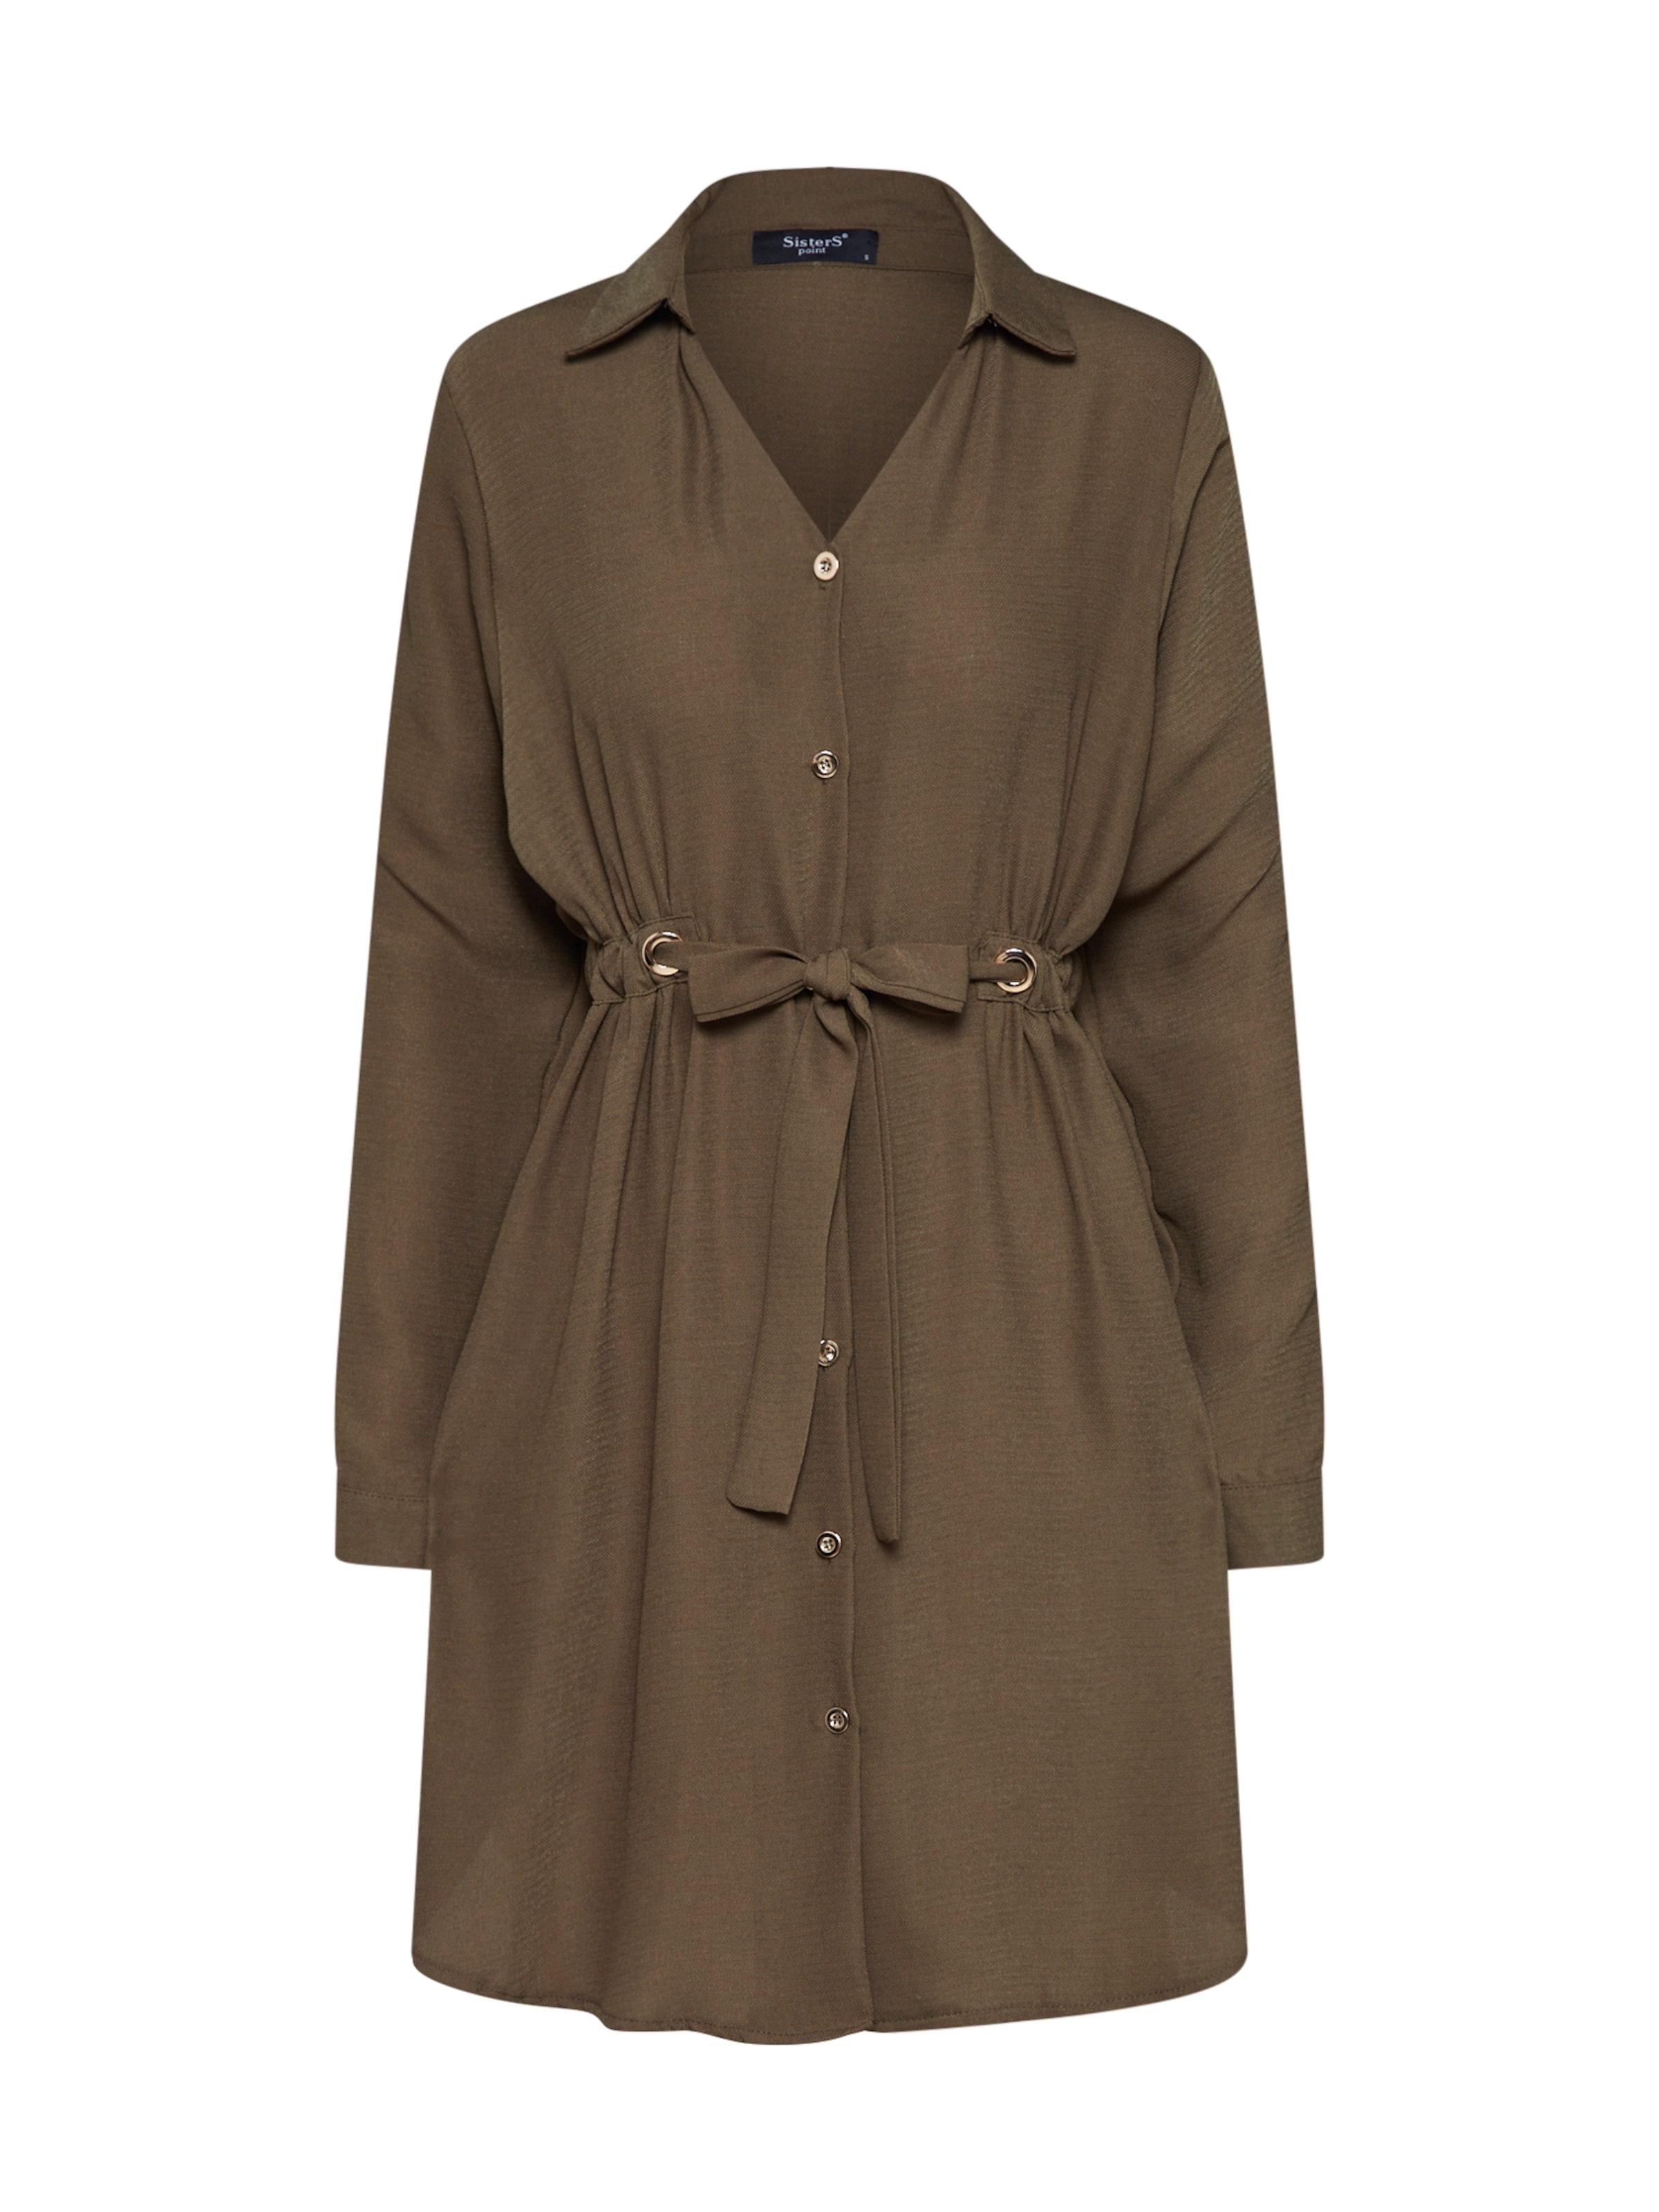 Robe Sisters 'nimp Point chemise En Kaki dr' uT3FKJl1c